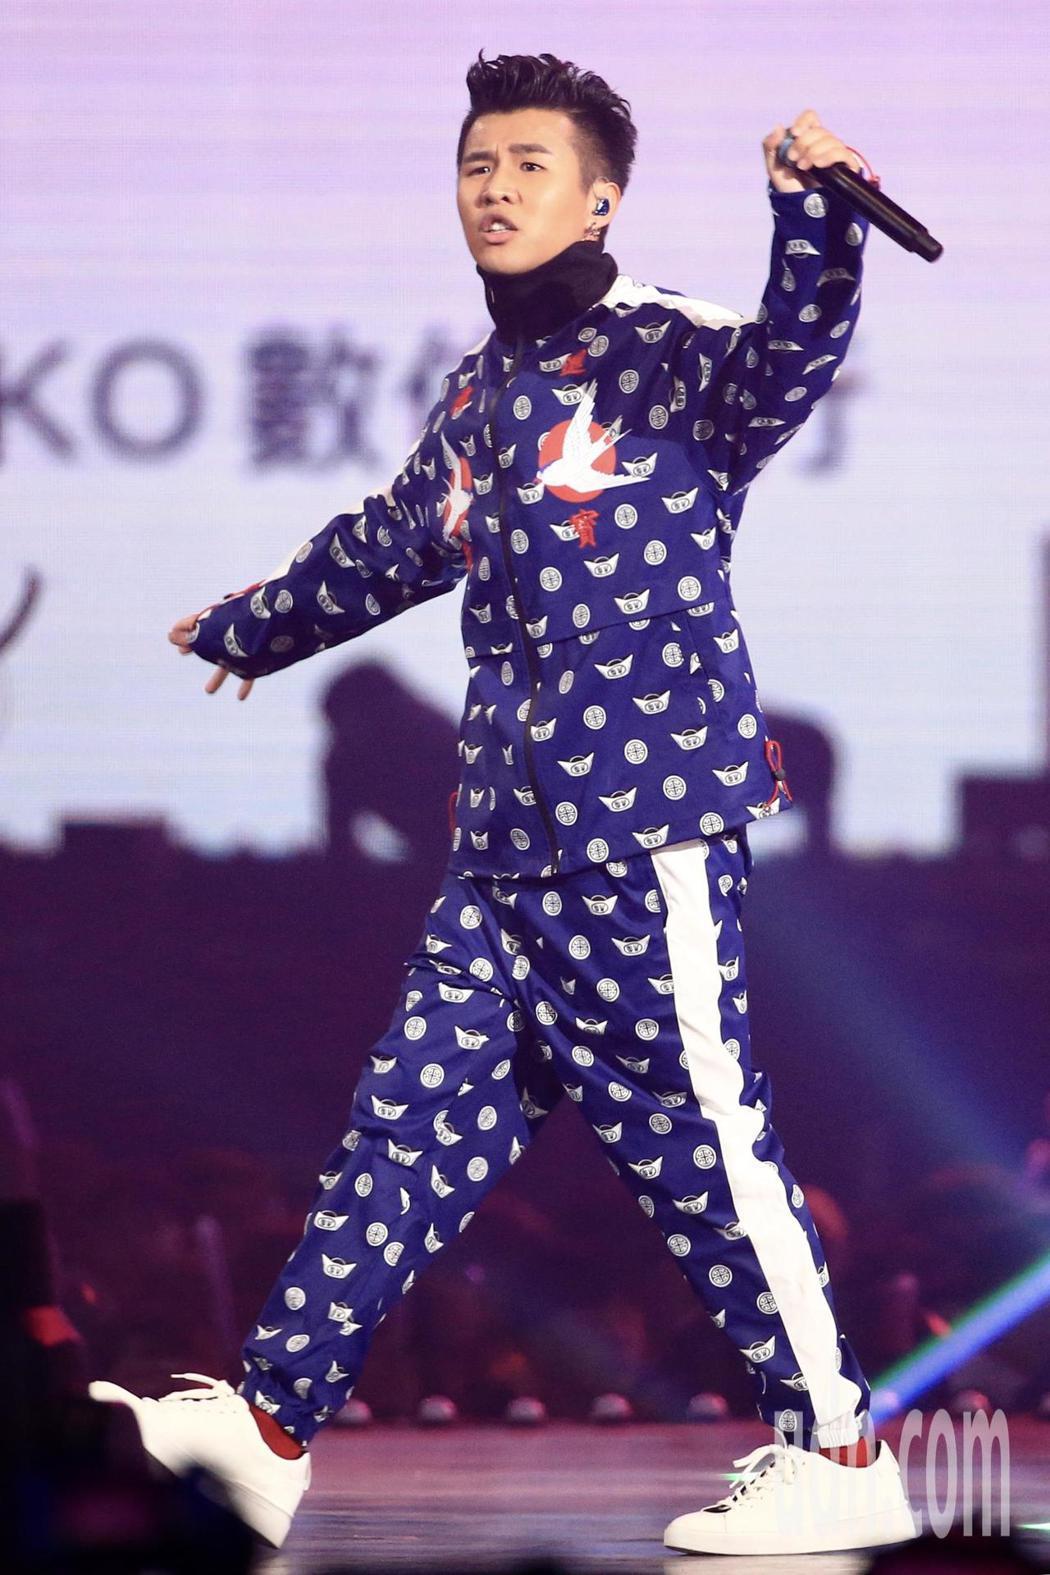 第15屆KKBOX風雲榜頒獎典禮,潮流新聲屁孩演唱。記者林伯東/攝影